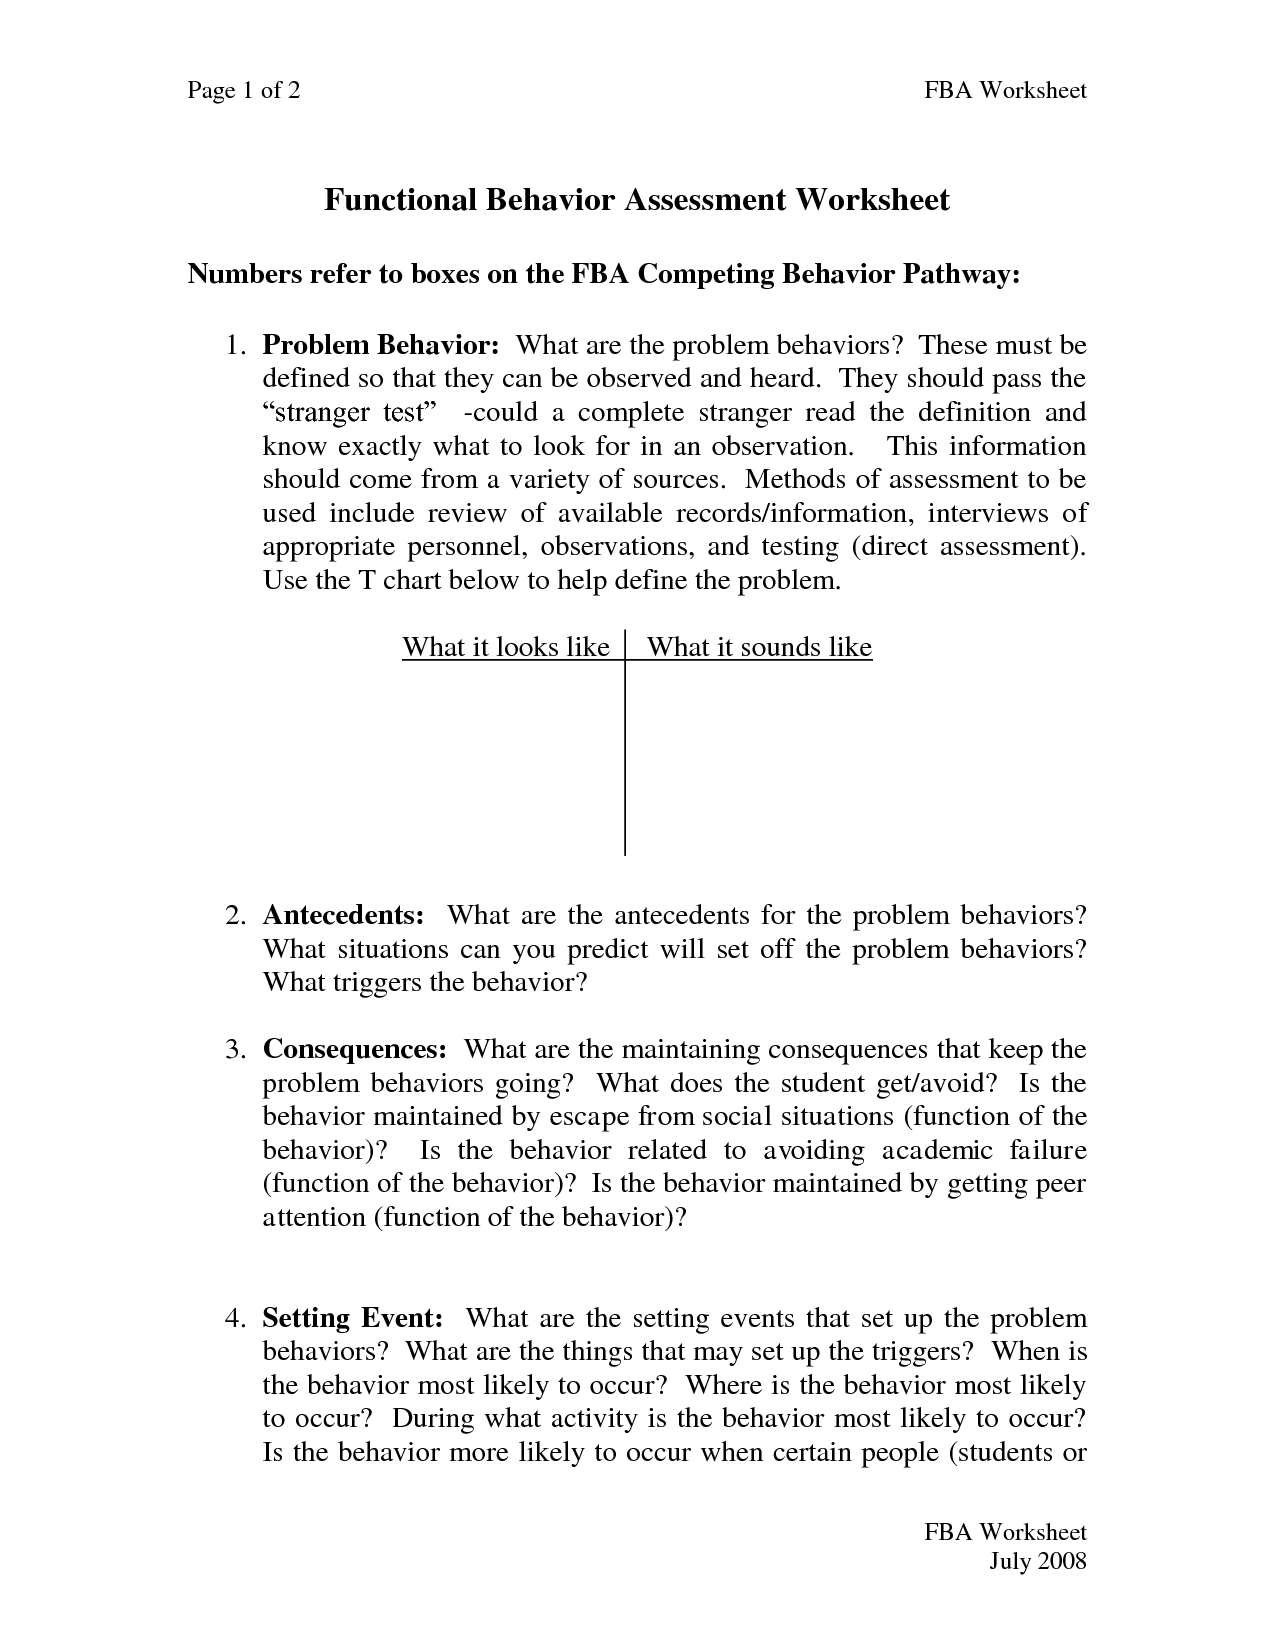 Functional Behavior Plan Sample | Document Sample